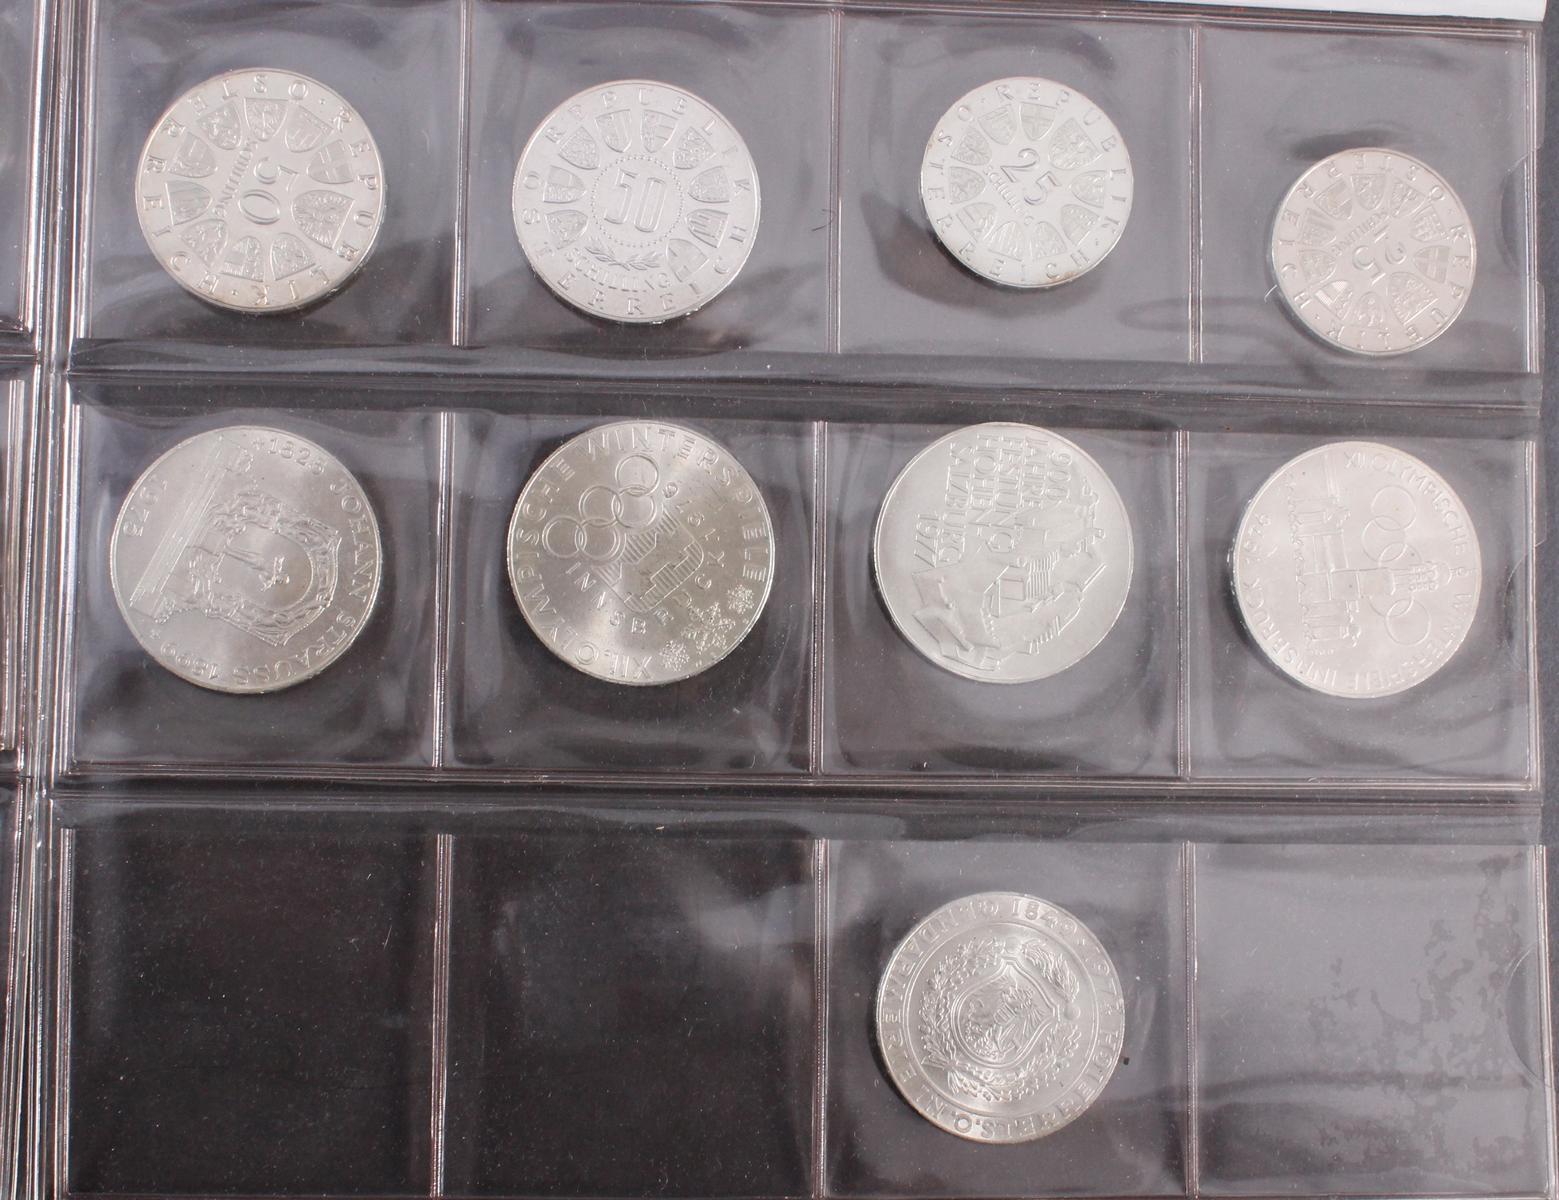 Schilling Münzen, u.a. 100, 50 und 5 Schilling-3